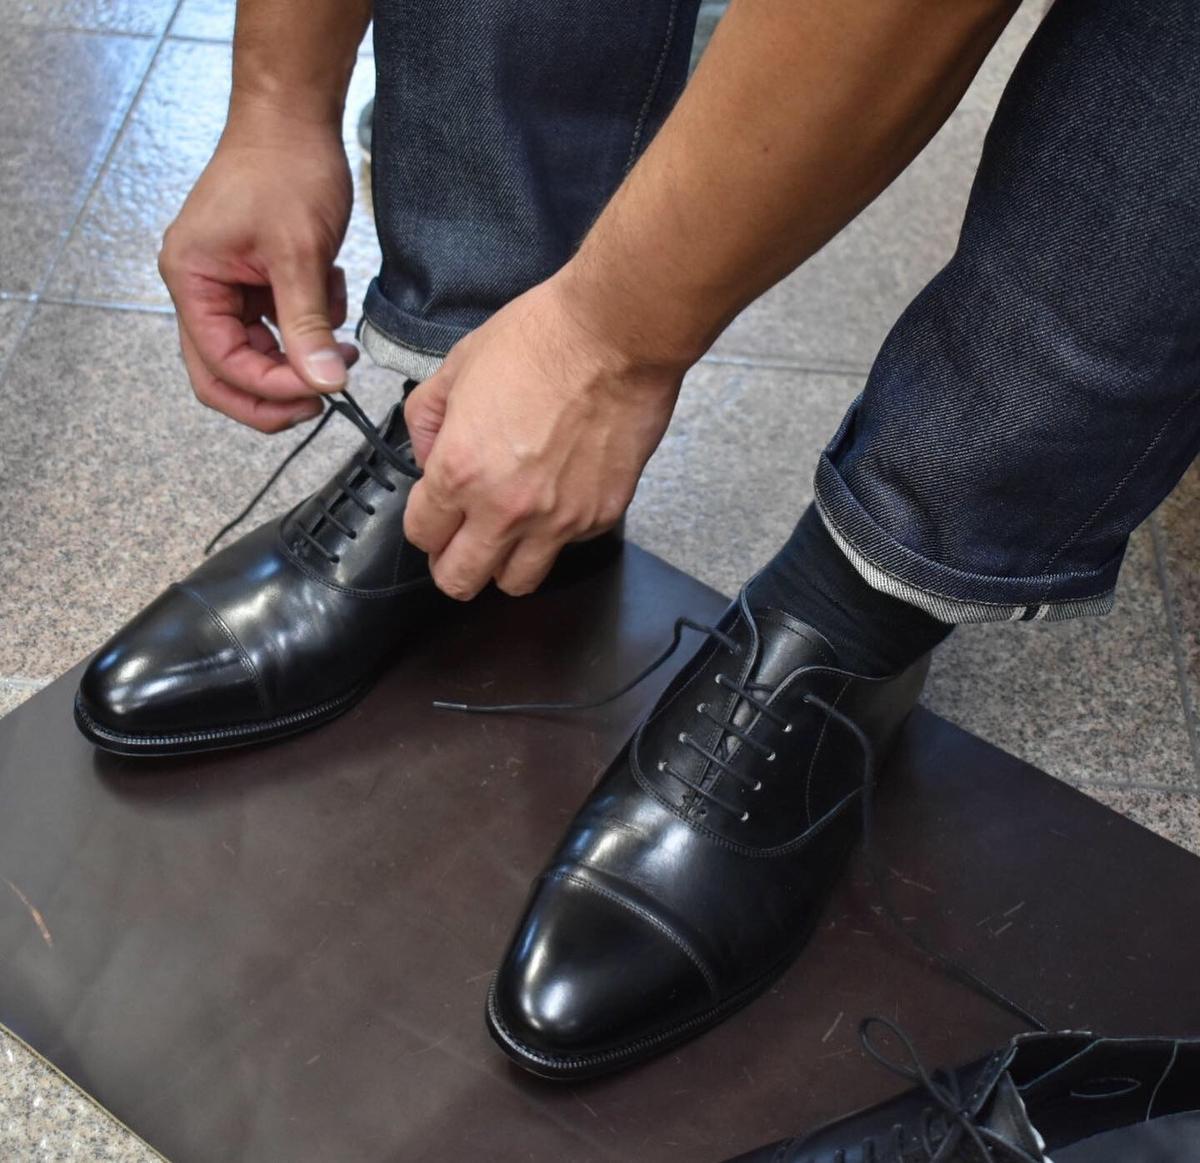 f:id:raymar-shoes:20191120175717j:plain